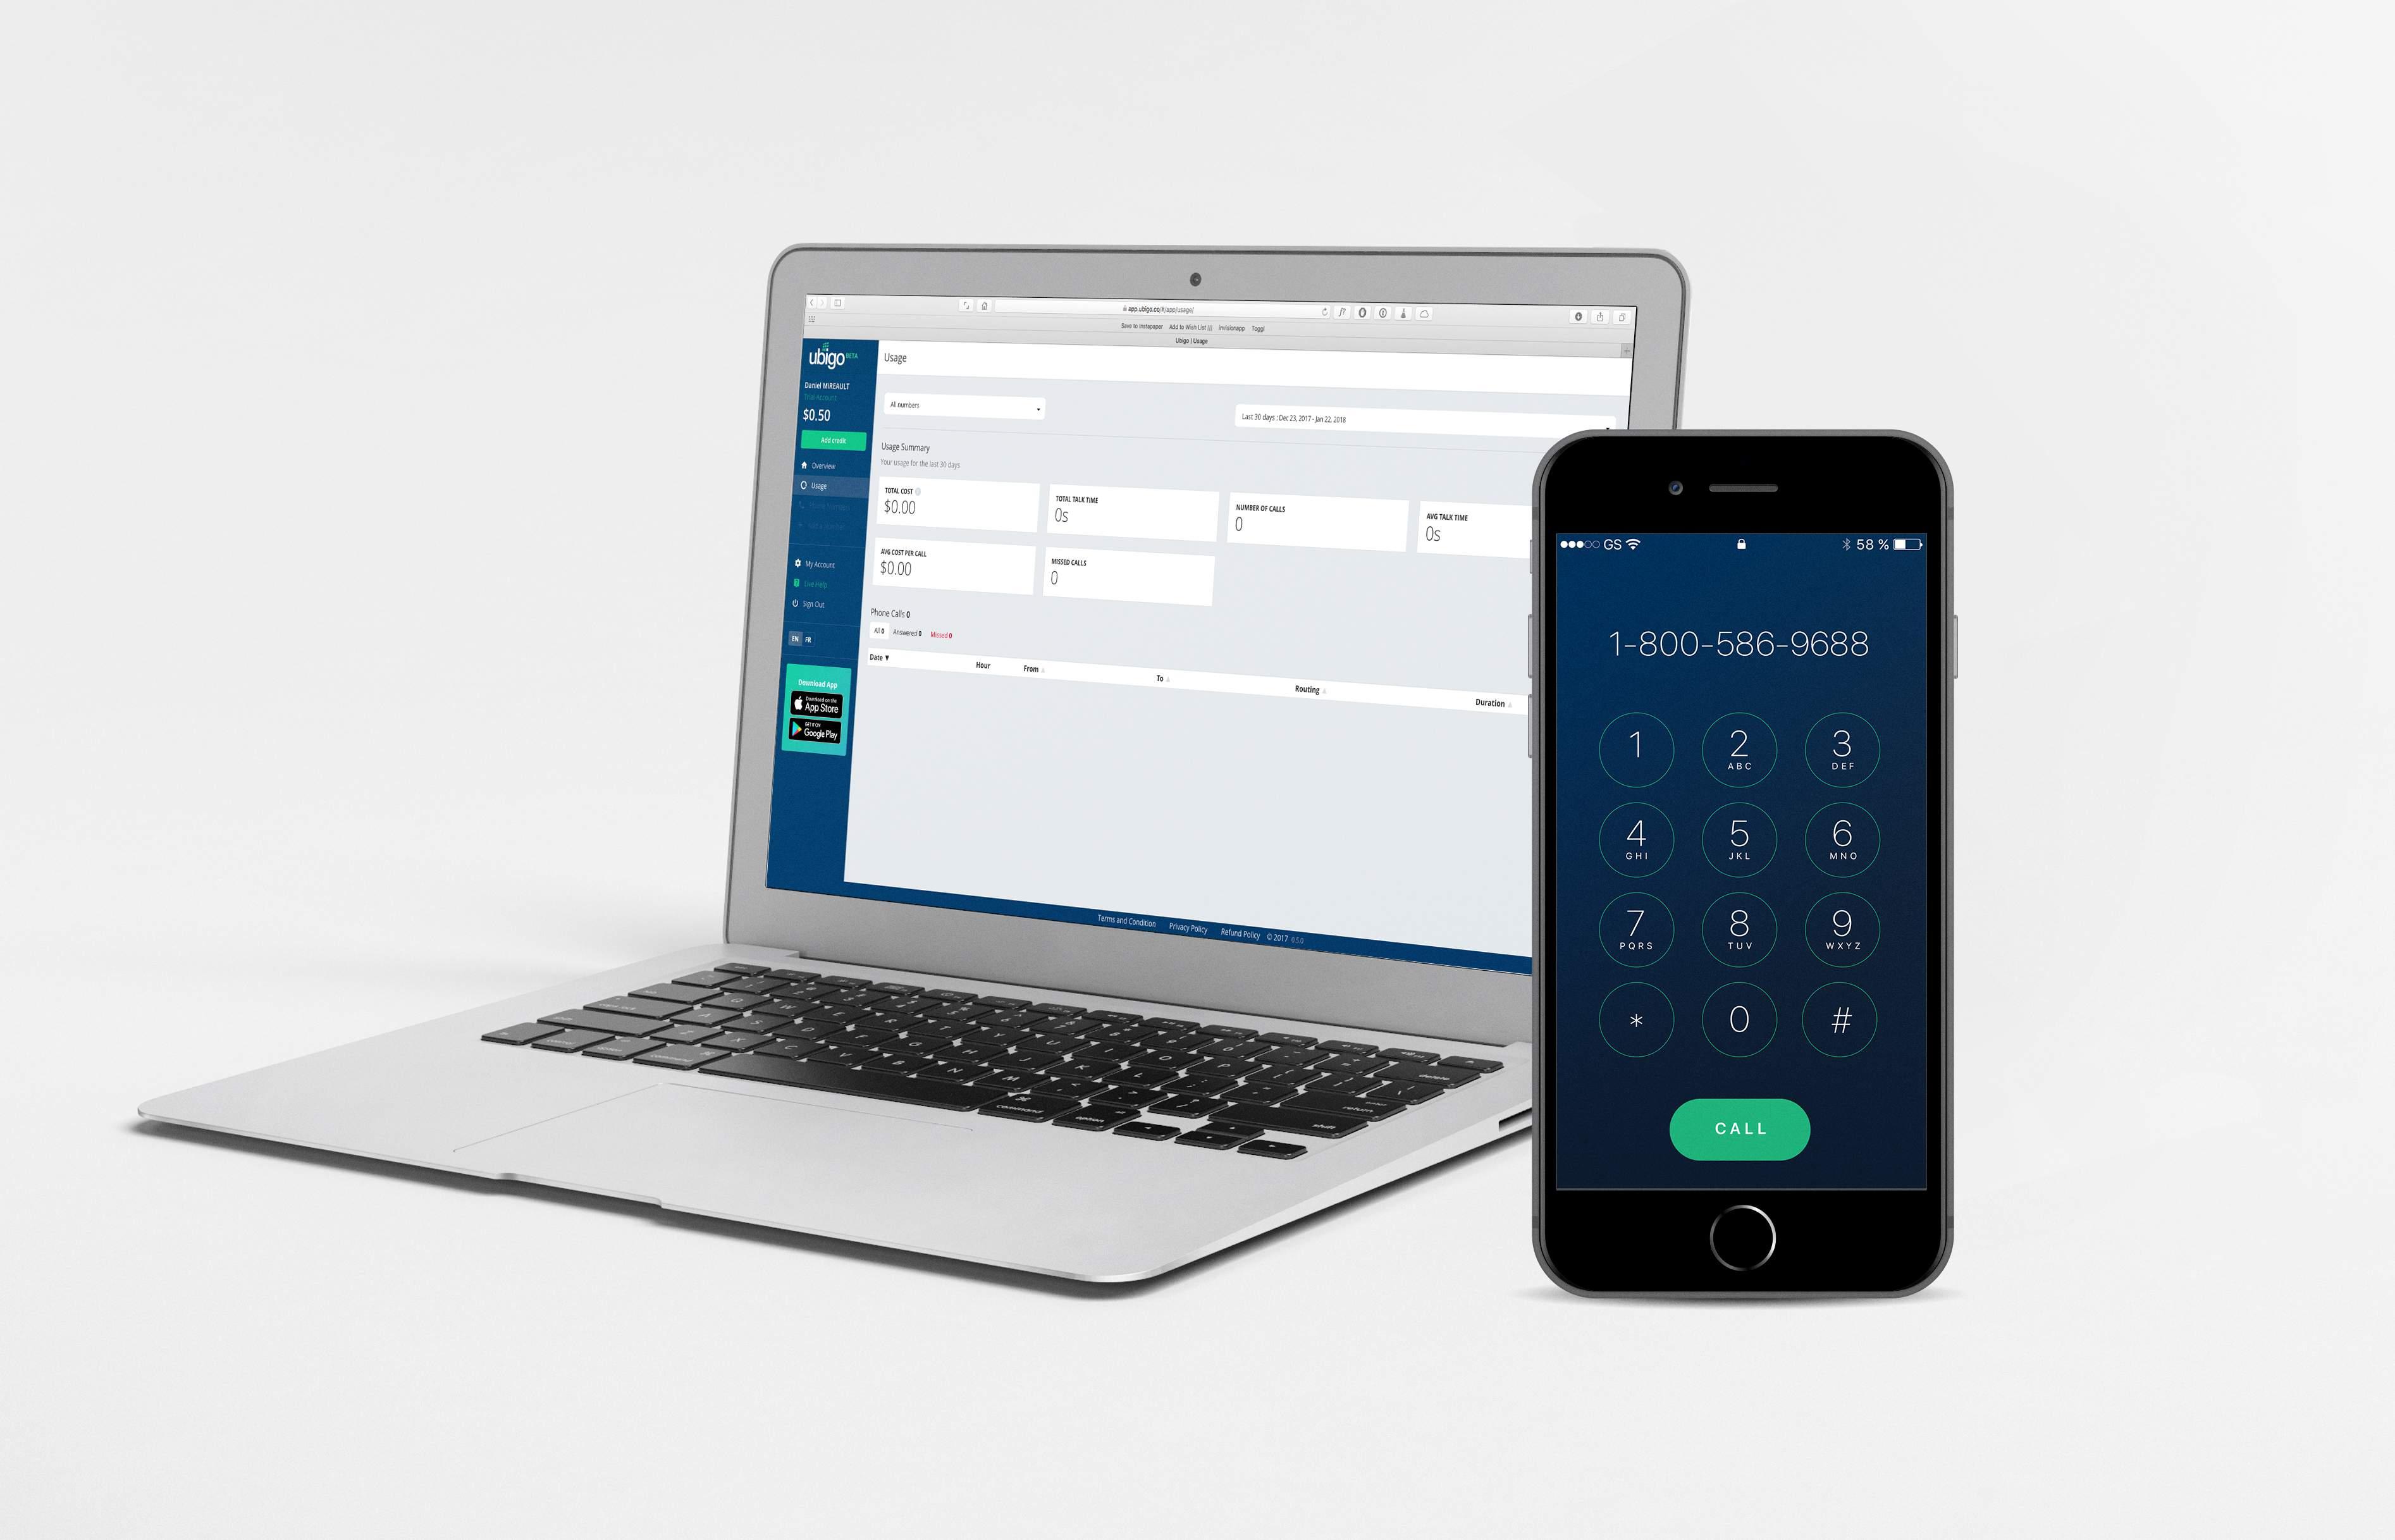 Ubigo web app console and mobile app